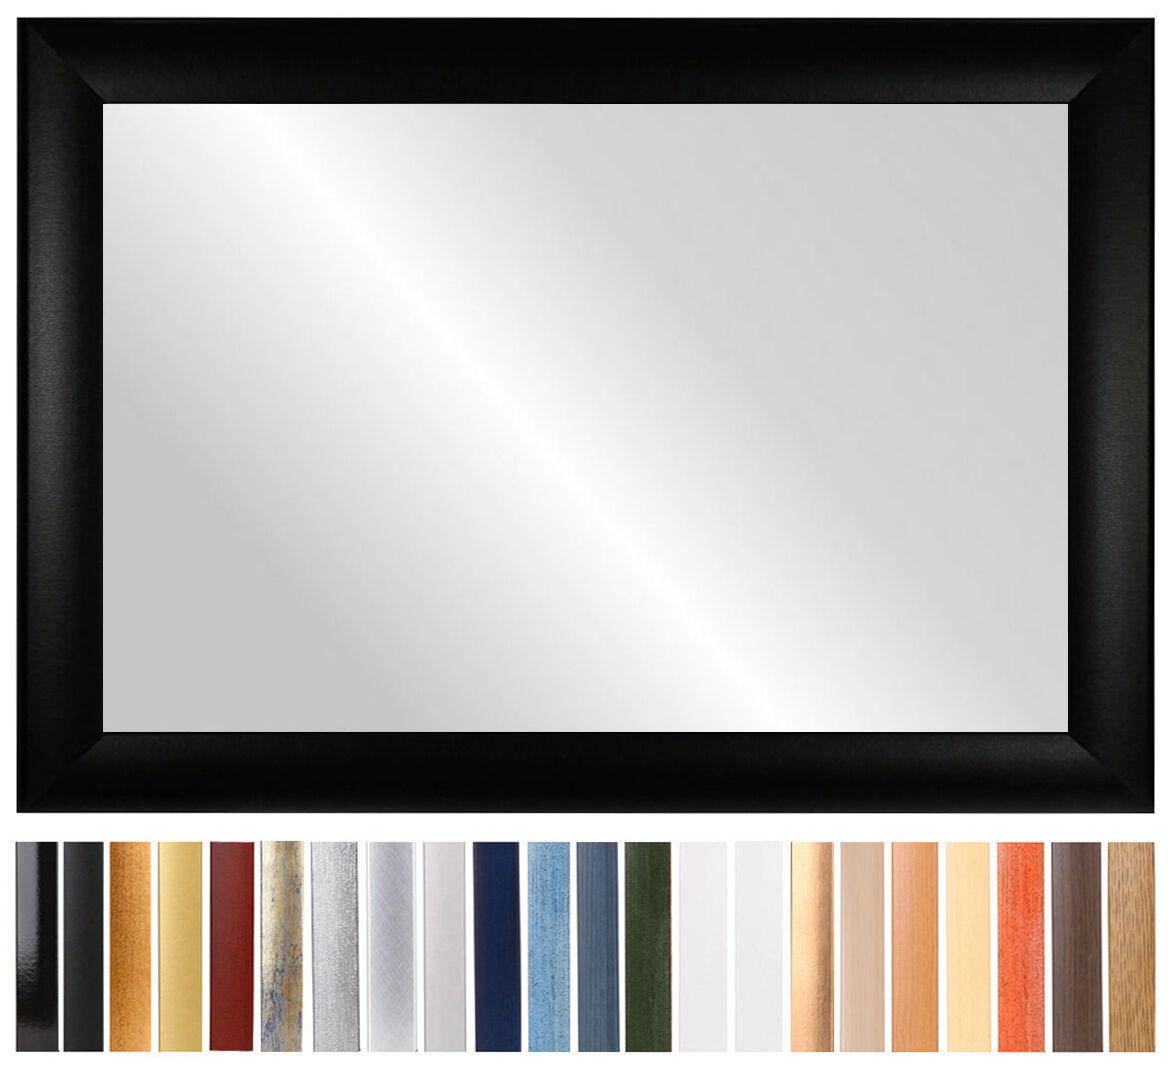 CAPRY Spiegelrahmen - 80 x 153 cm Wandspiegel Spiegel Badspiegel - Top Qualität